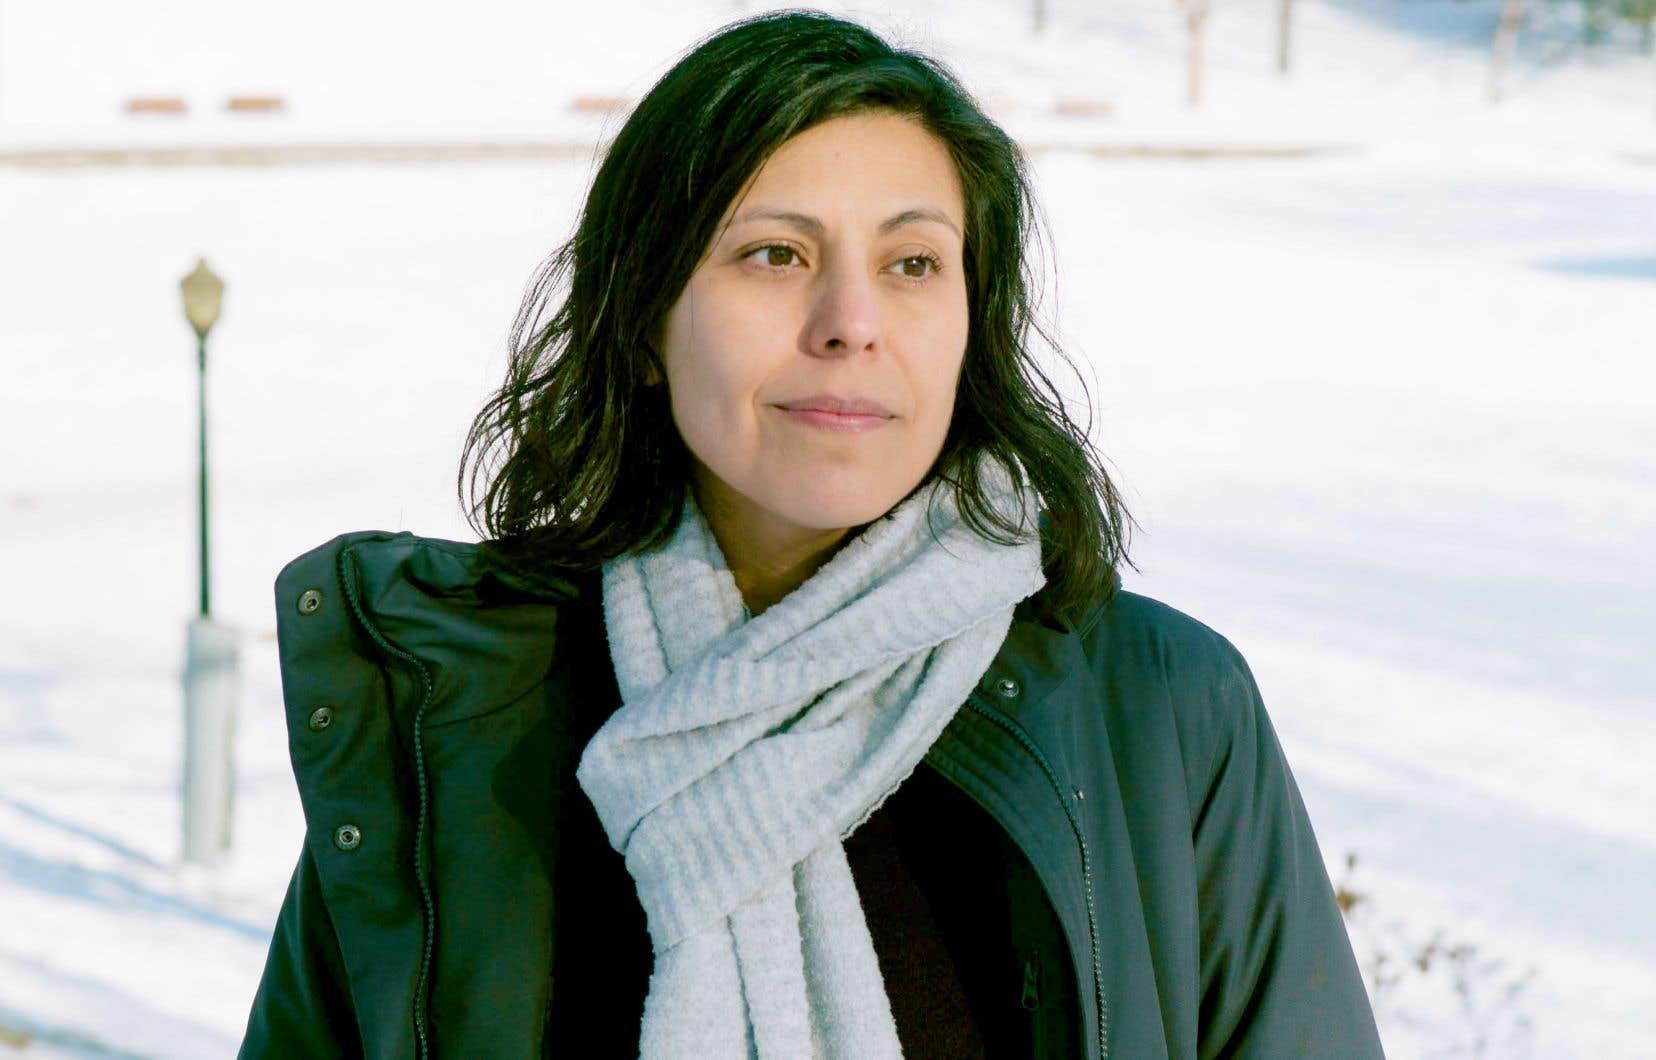 Le premier roman de Caroline Dawson raconte en une suite d'épisodes de quelques pages le quotidien d'une famille de réfugiés.